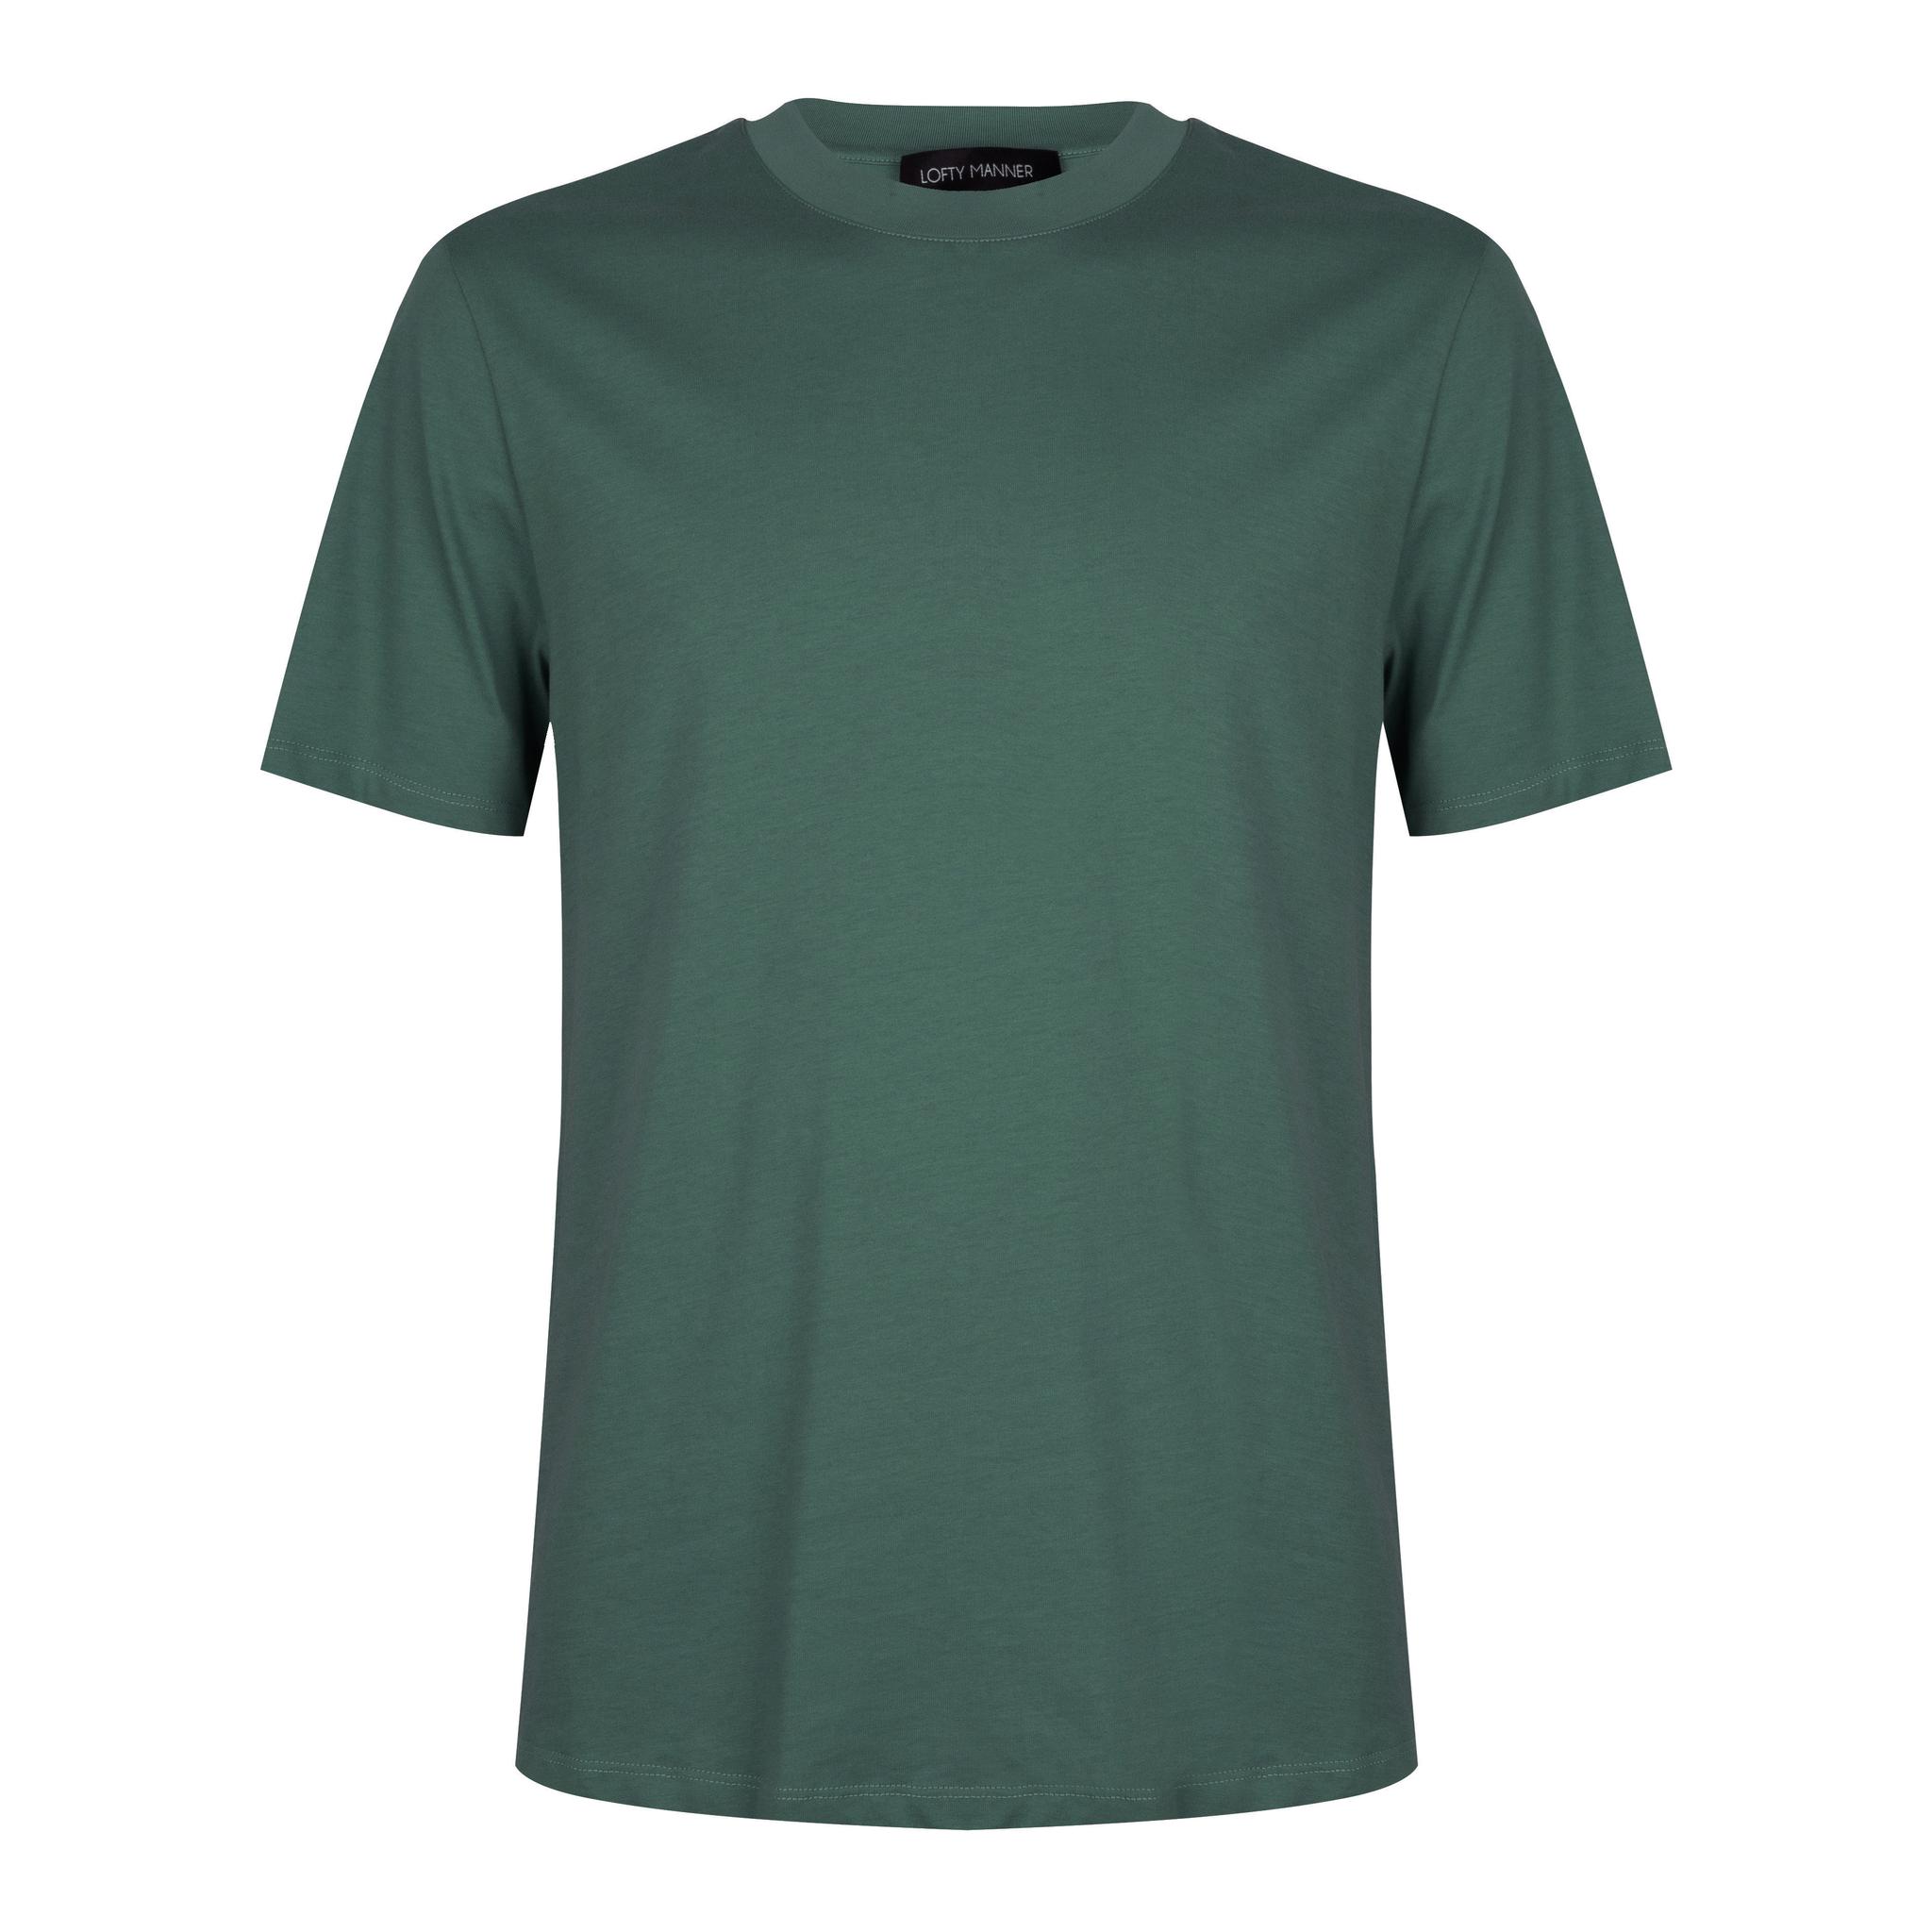 Lofty Manner Green T-shirt Eron